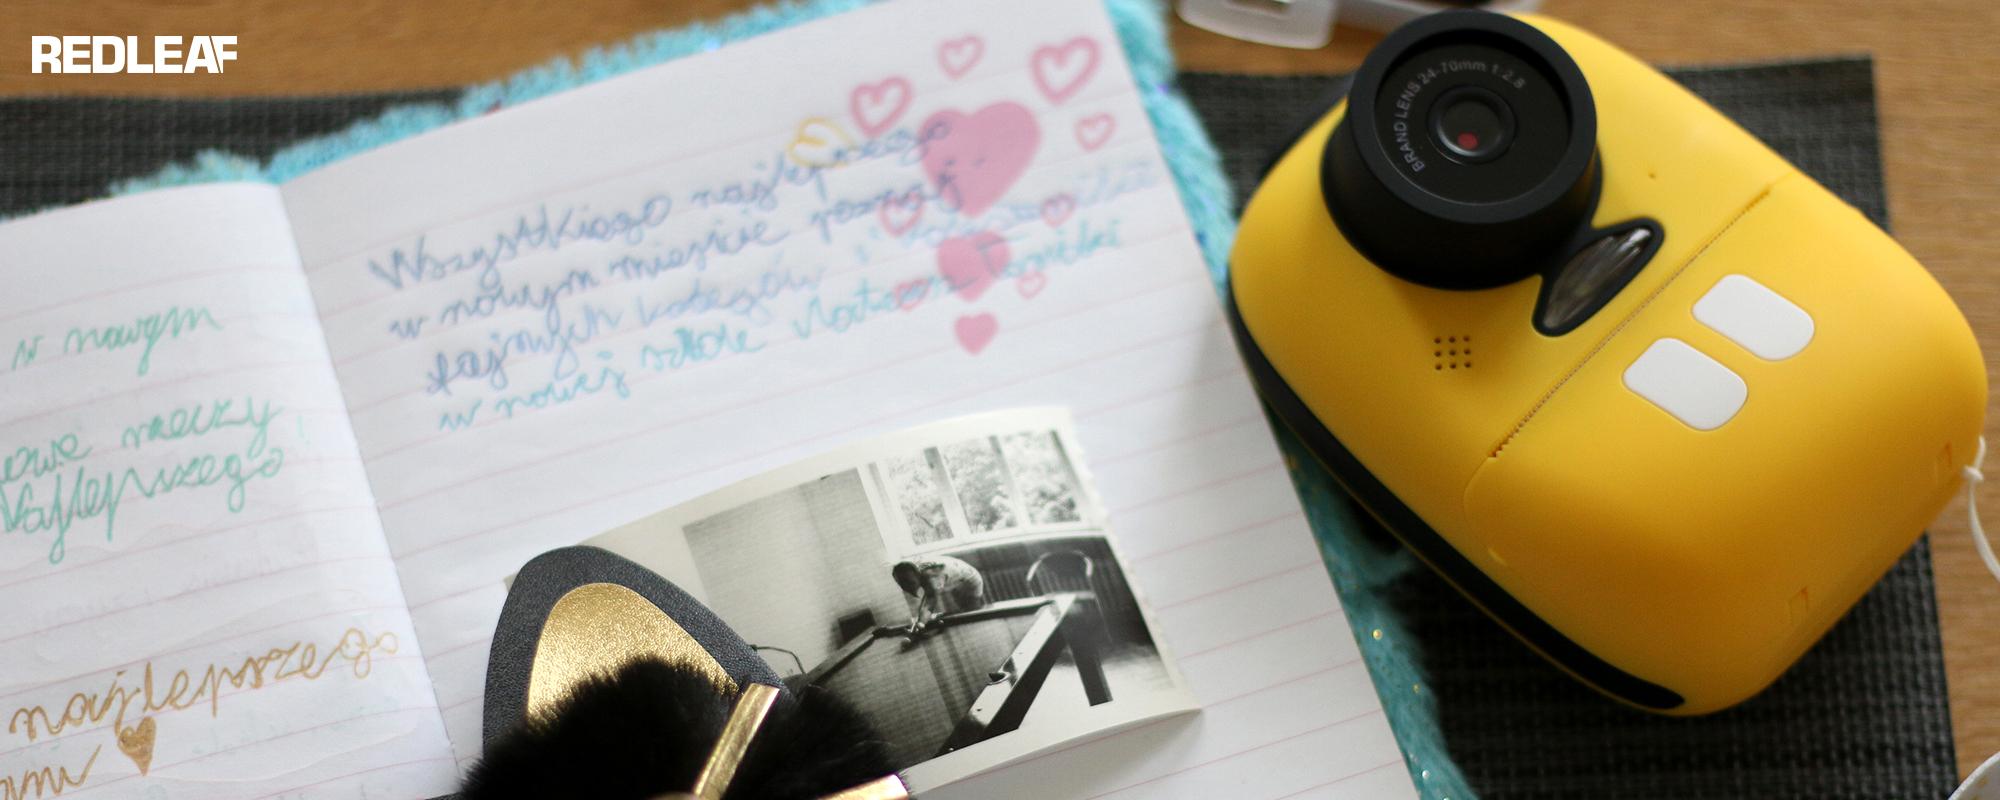 Aparat fotograficzny z drukarką dla dzieci Redleaf BOB położony na blacie biurka z zeszytem w linię